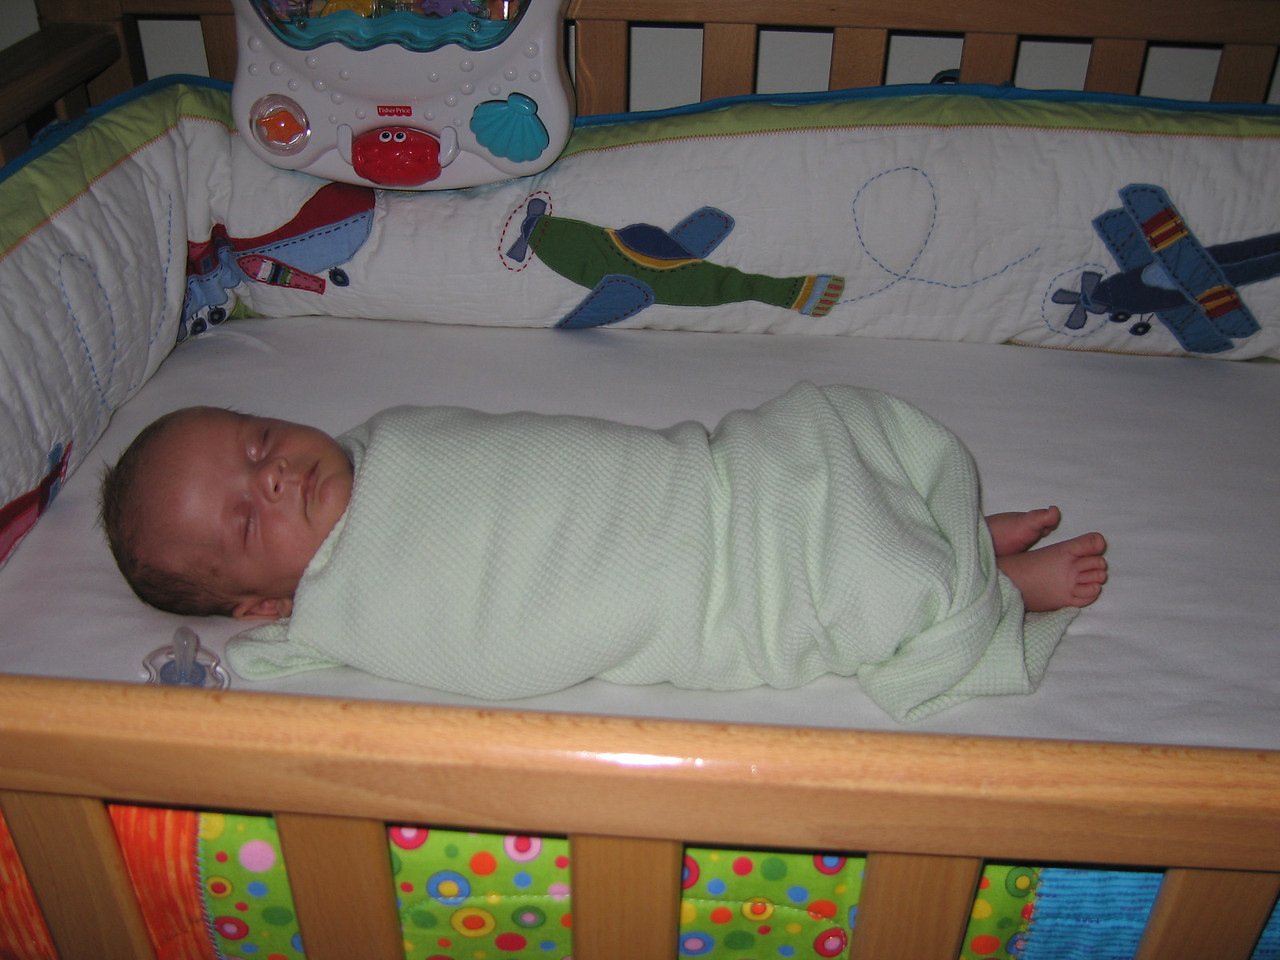 Asleep in his crib